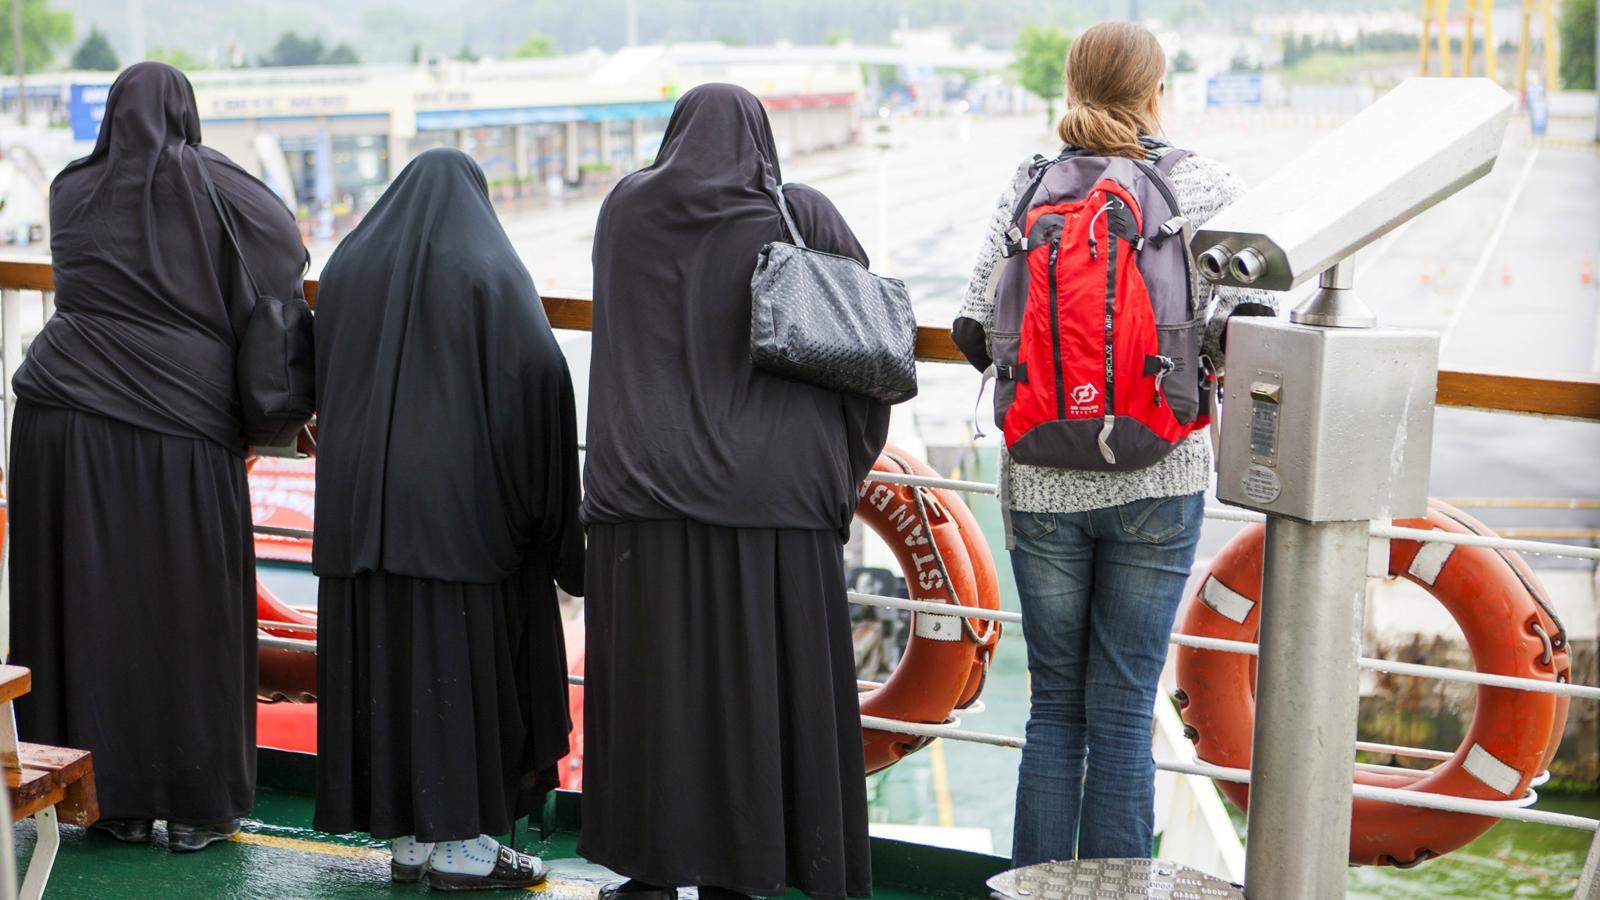 payerne muslim @Üg-payerne wie würden sie darüber denken wen es ihr sohn wäre der in notlage war   schweizer pass für muslim-paar abgelehnt.